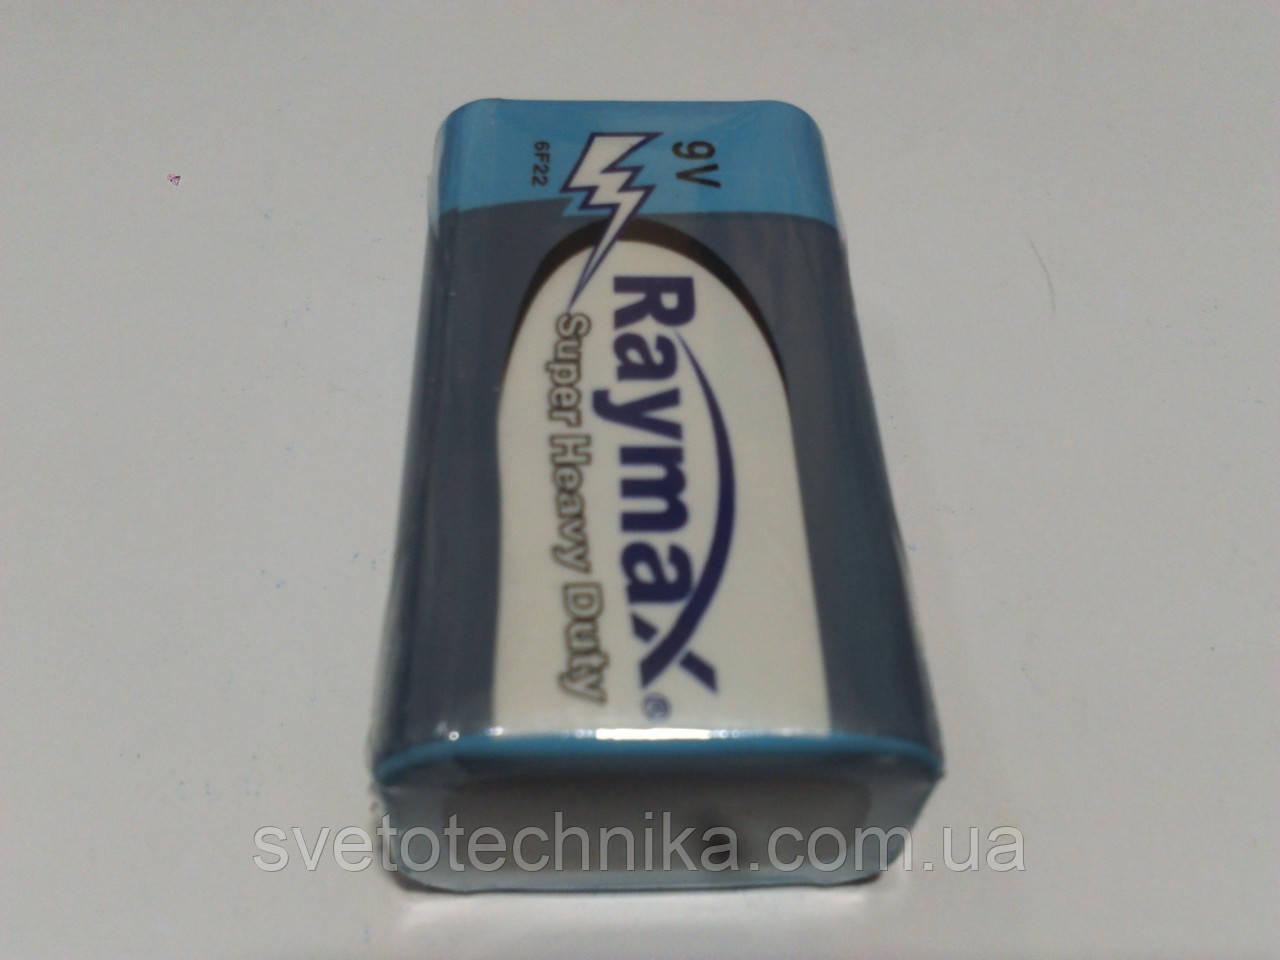 Батарейка (10 шт.)Raymax 6F22 9V